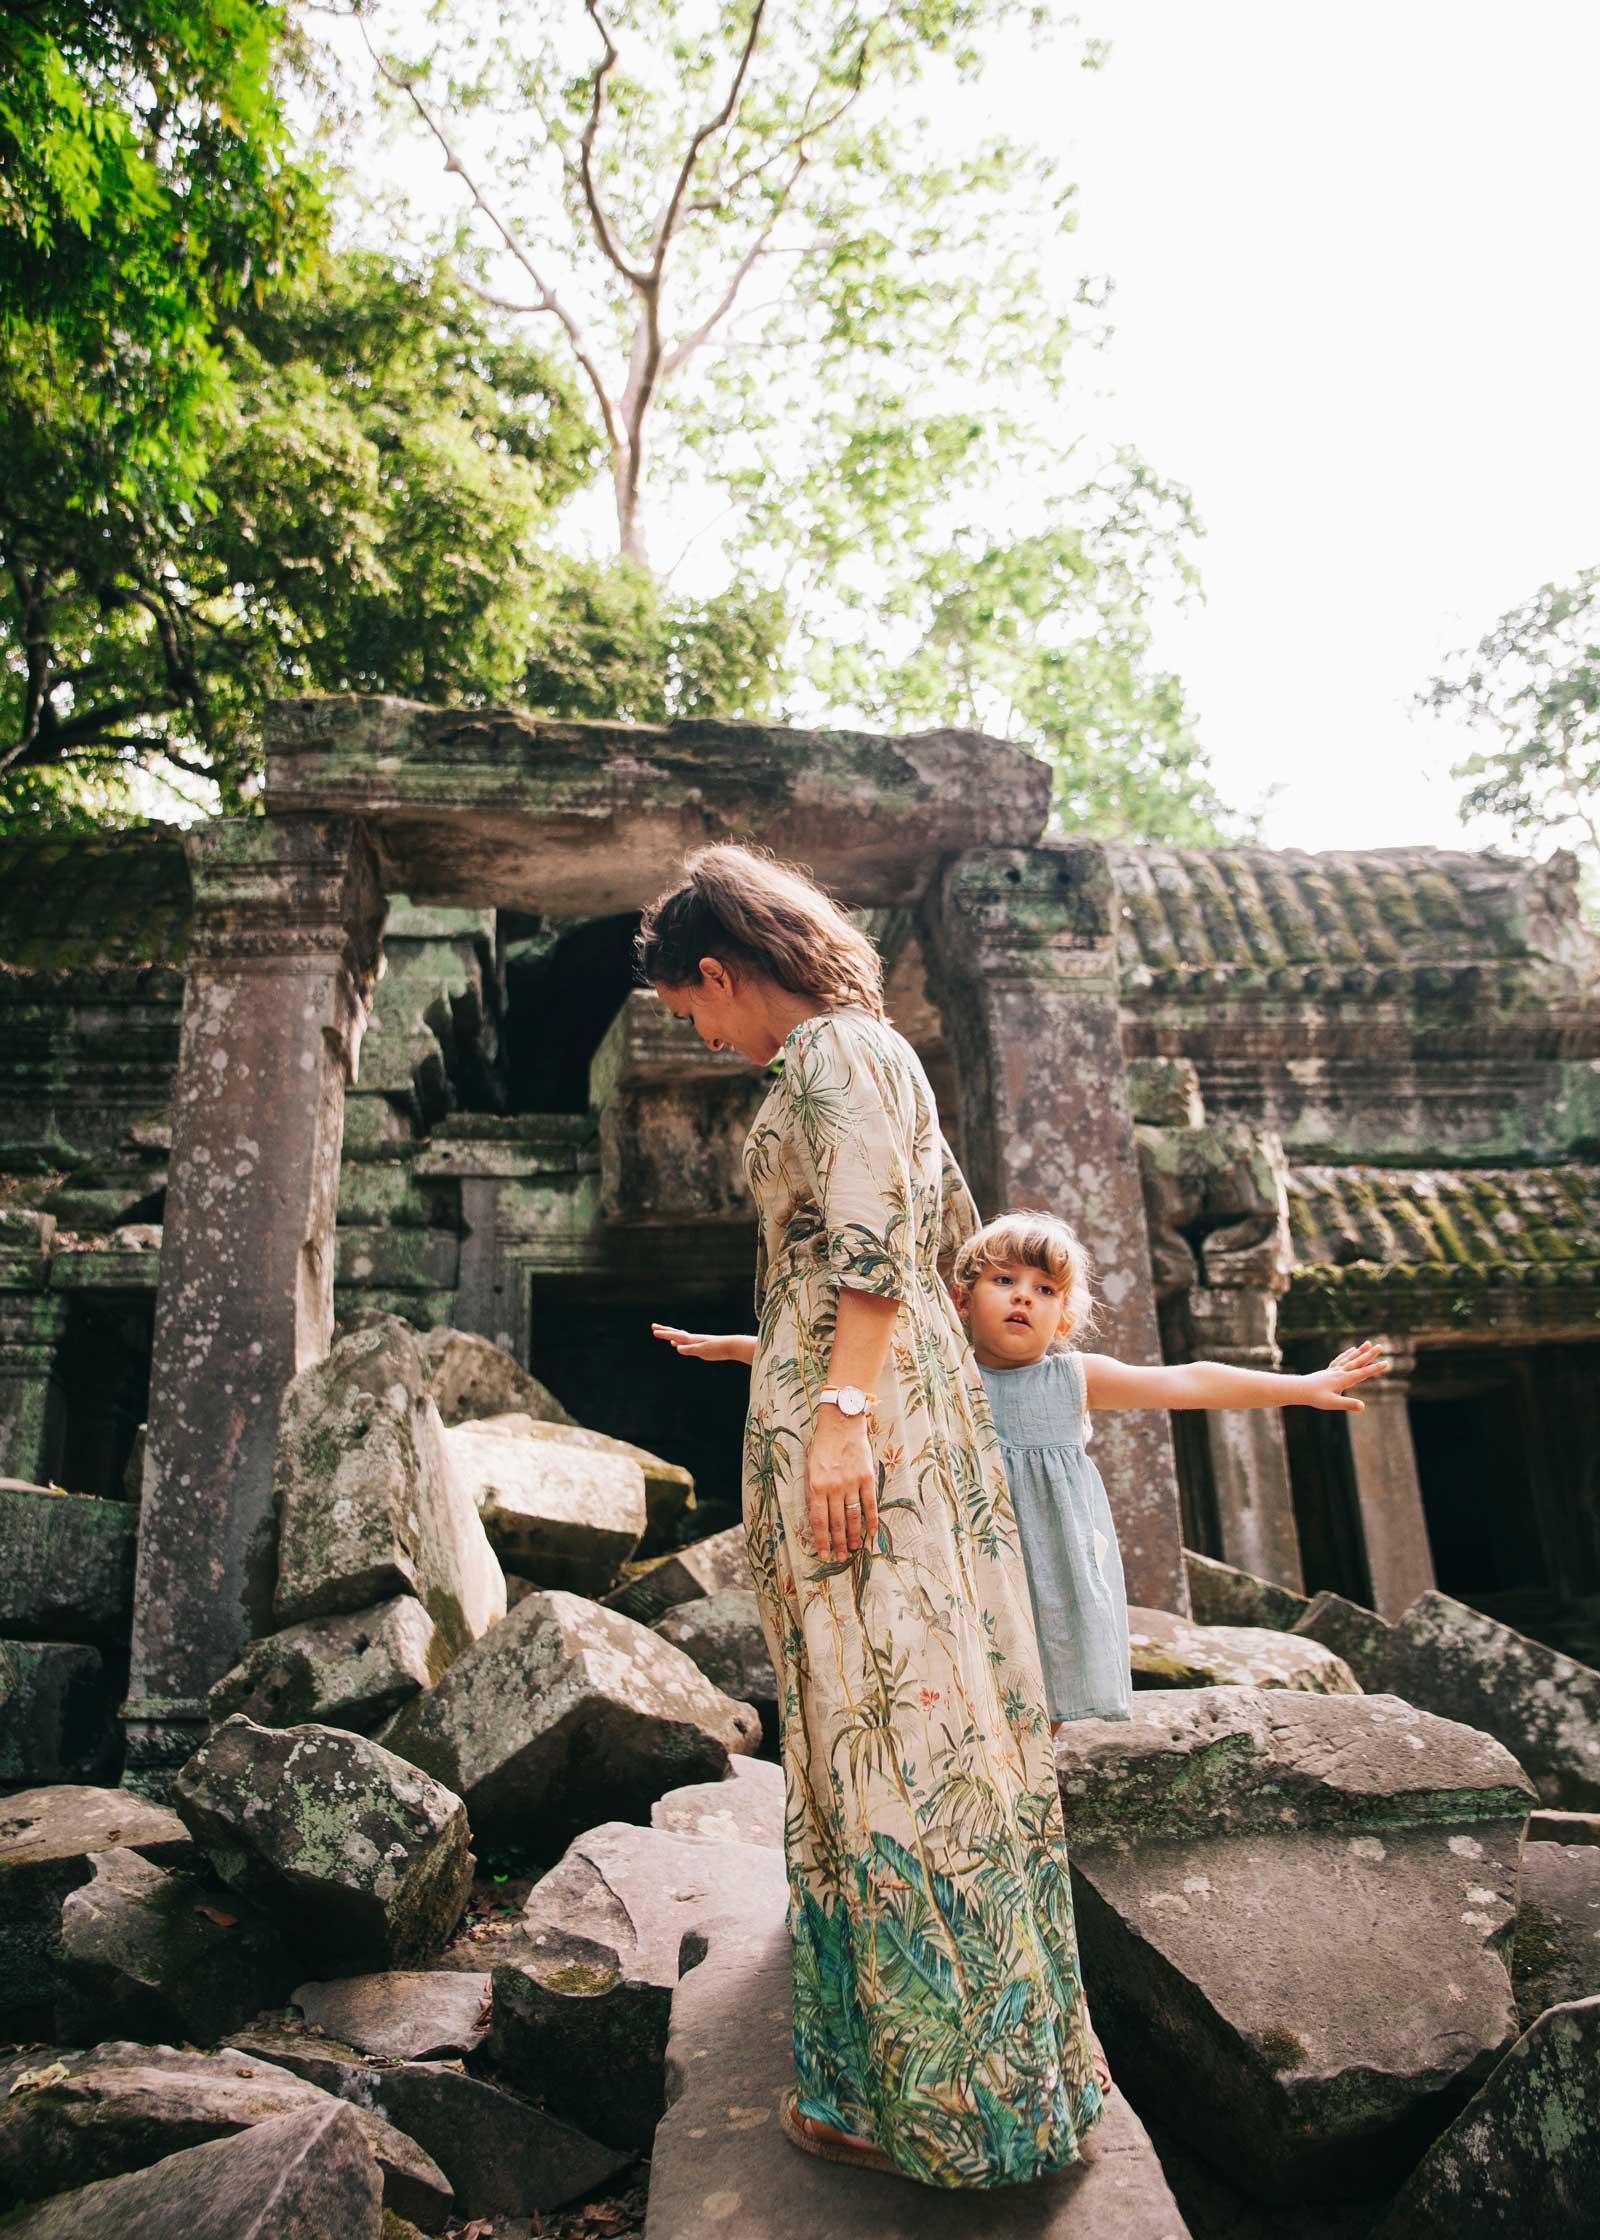 Camboya_256